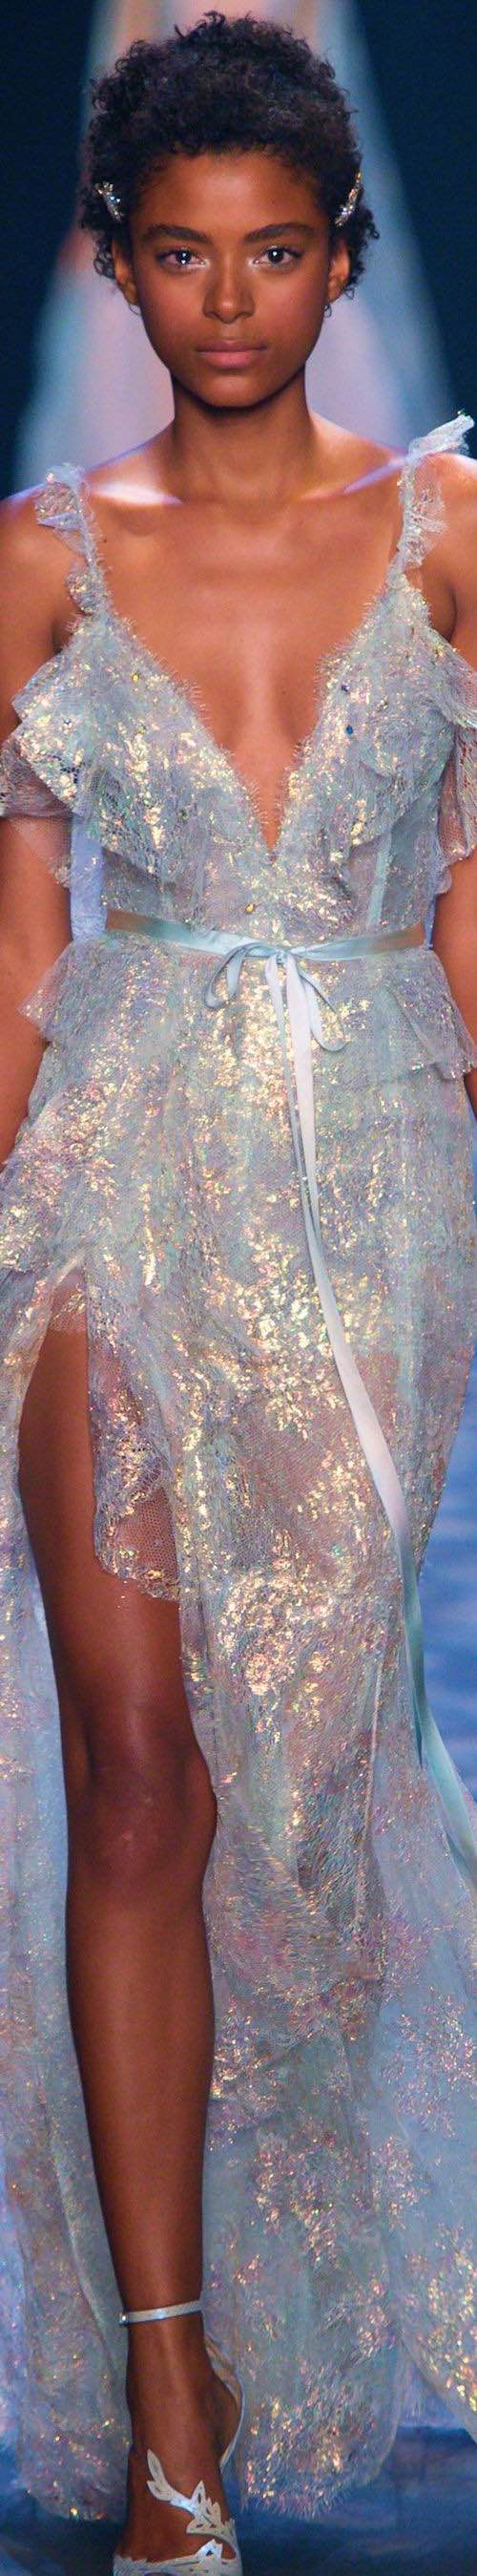 Cualquier adaptación de este vestido en plateado del runway de Marchesa 2017 sería un éxito total.